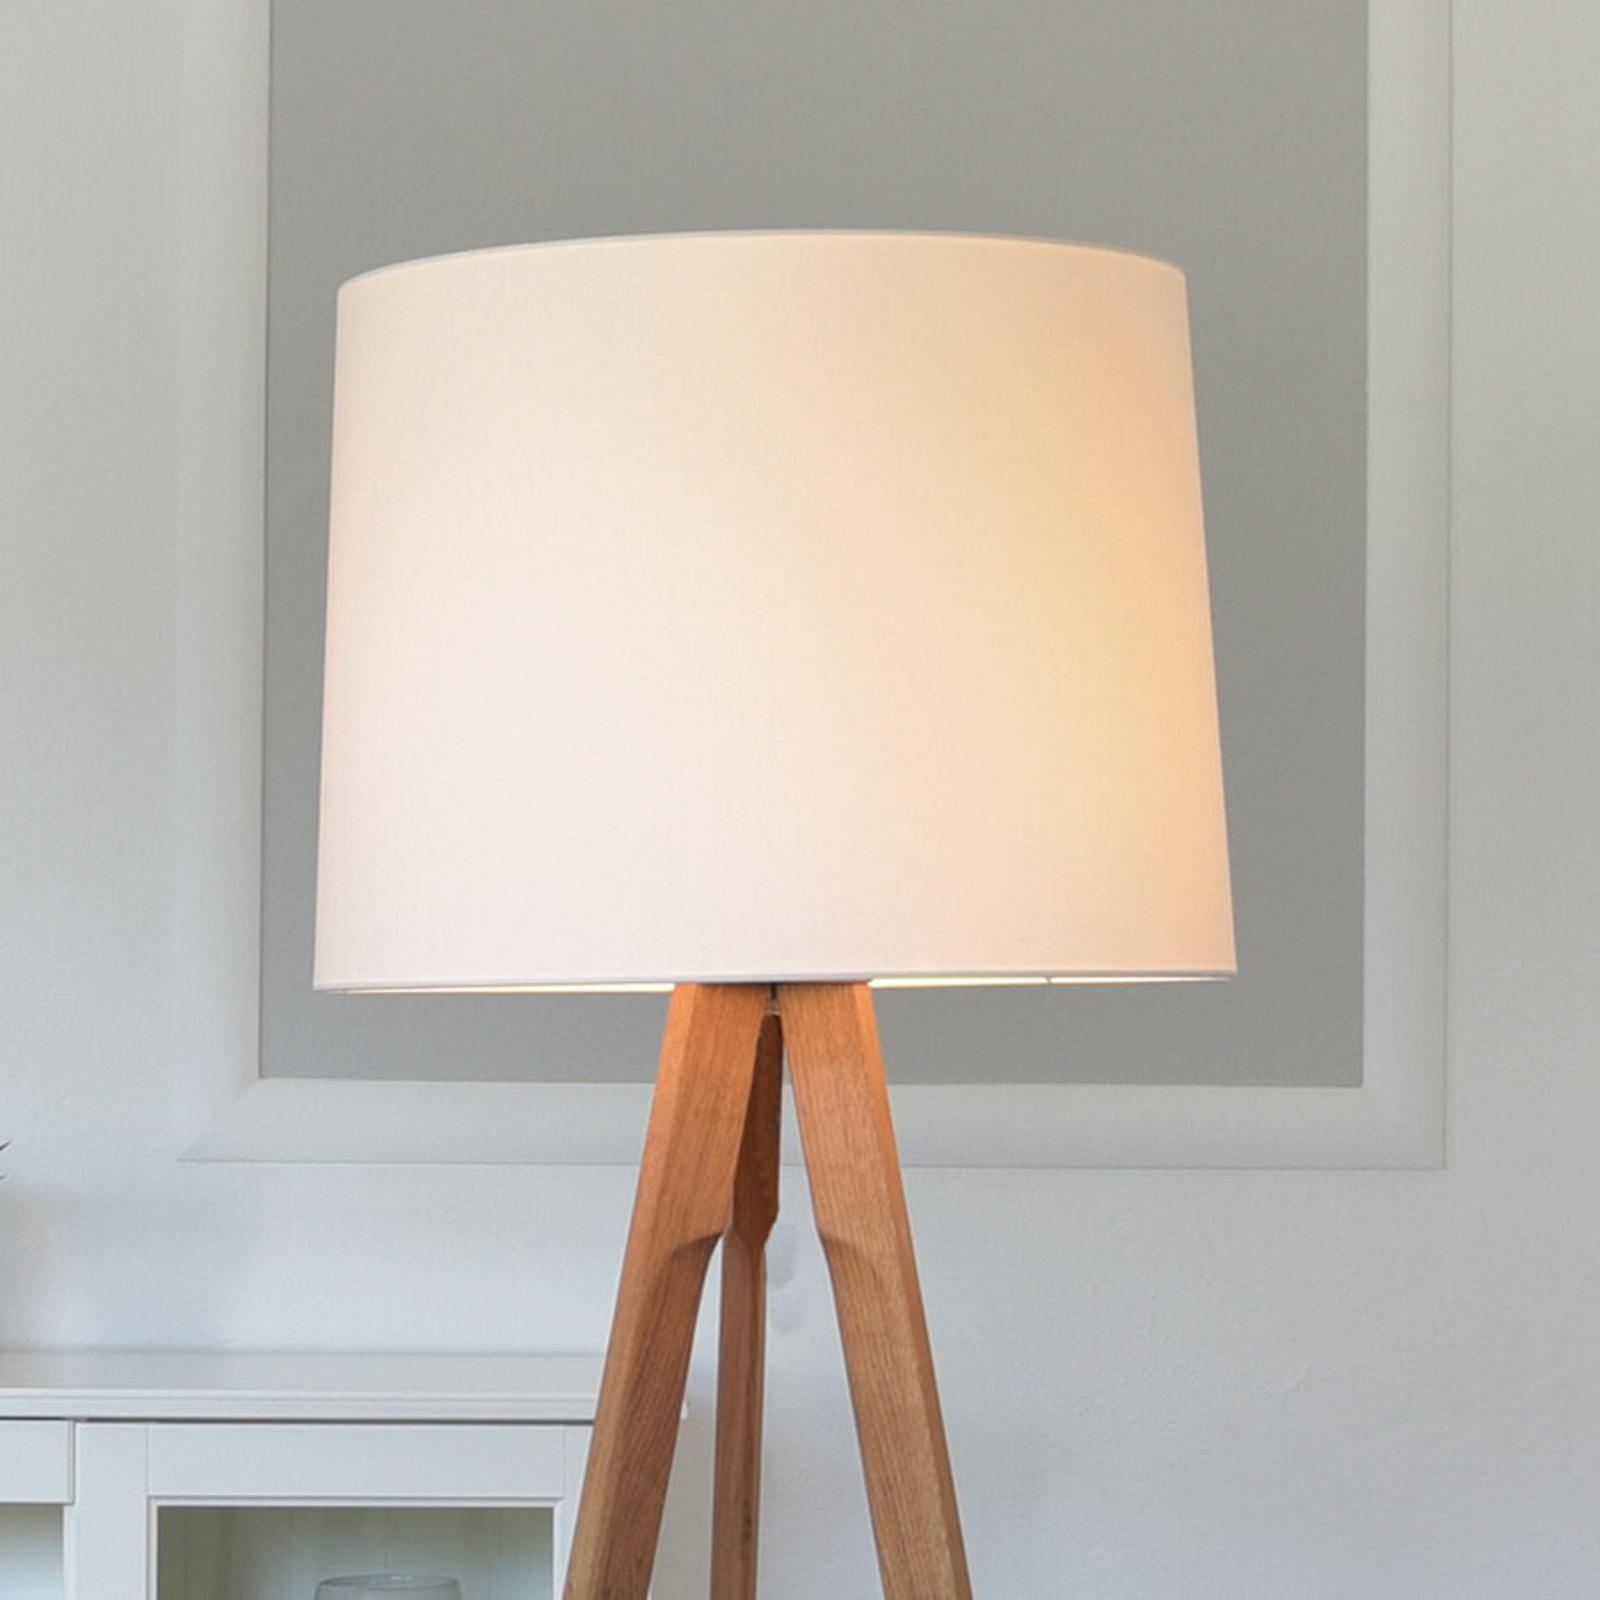 Produktové foto HerzBlut HerzBlut Tre stojací lampa bílá, dub olejovaný